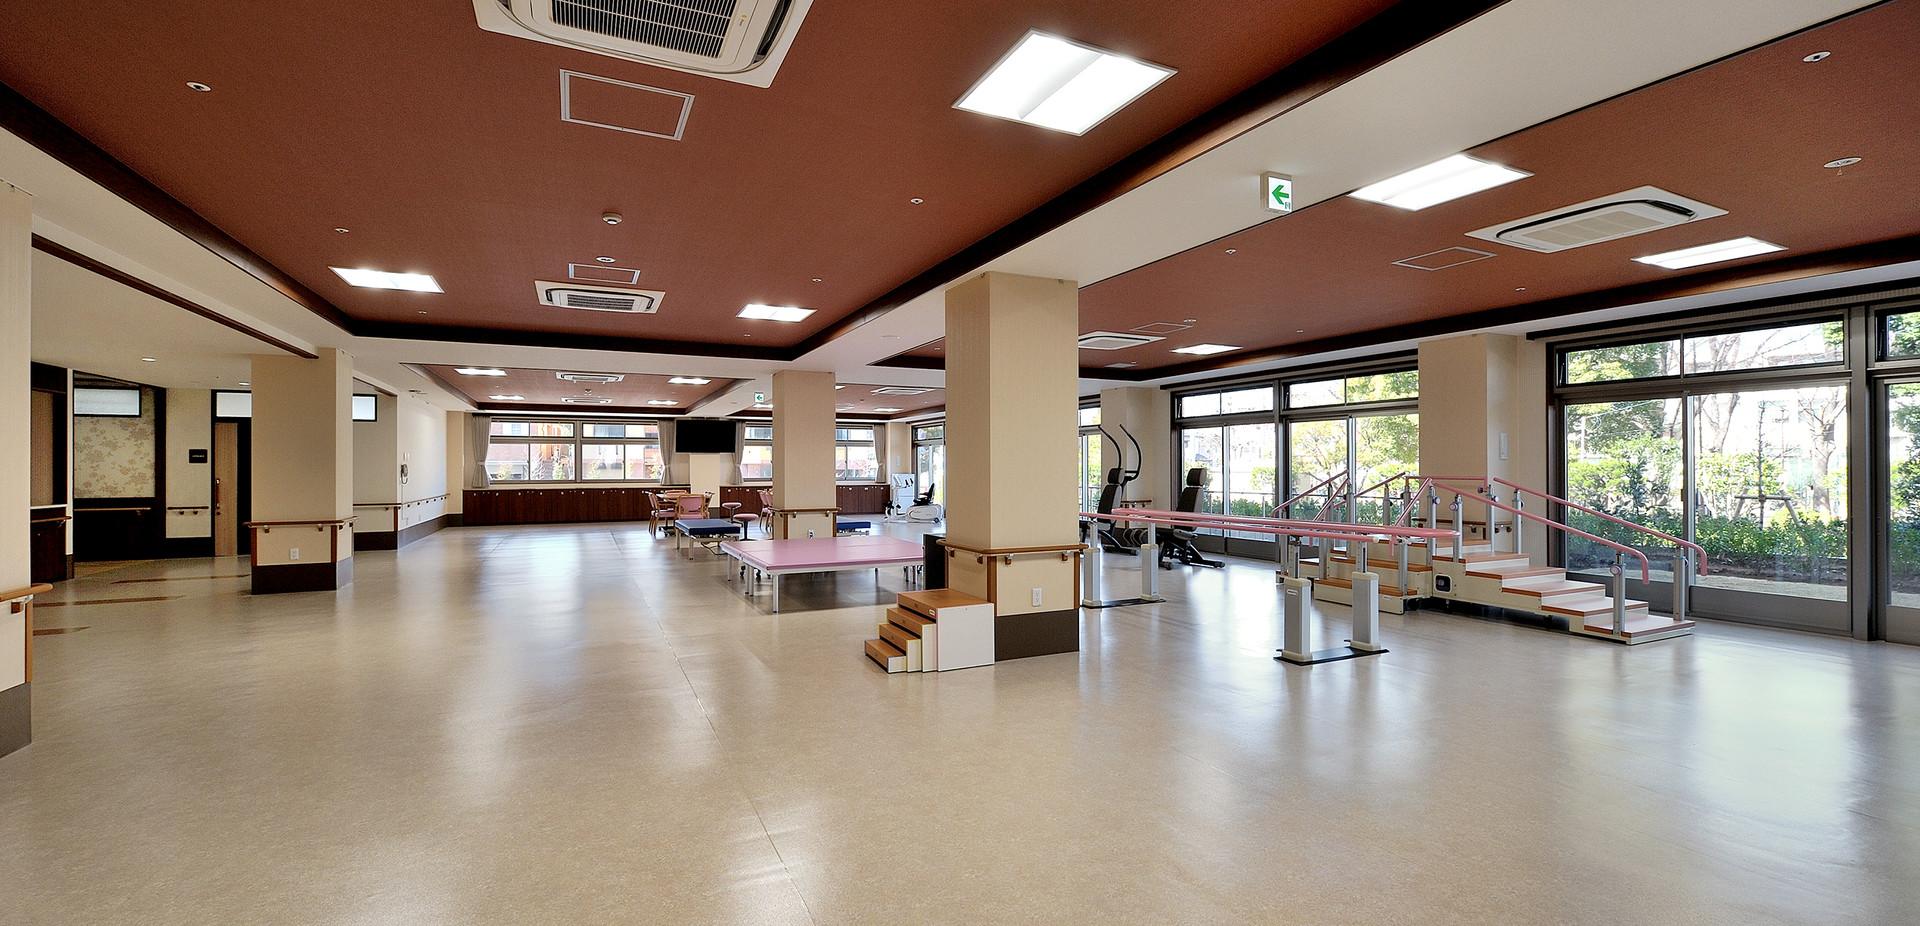 和光の園 機能訓練室・通所リハビリ